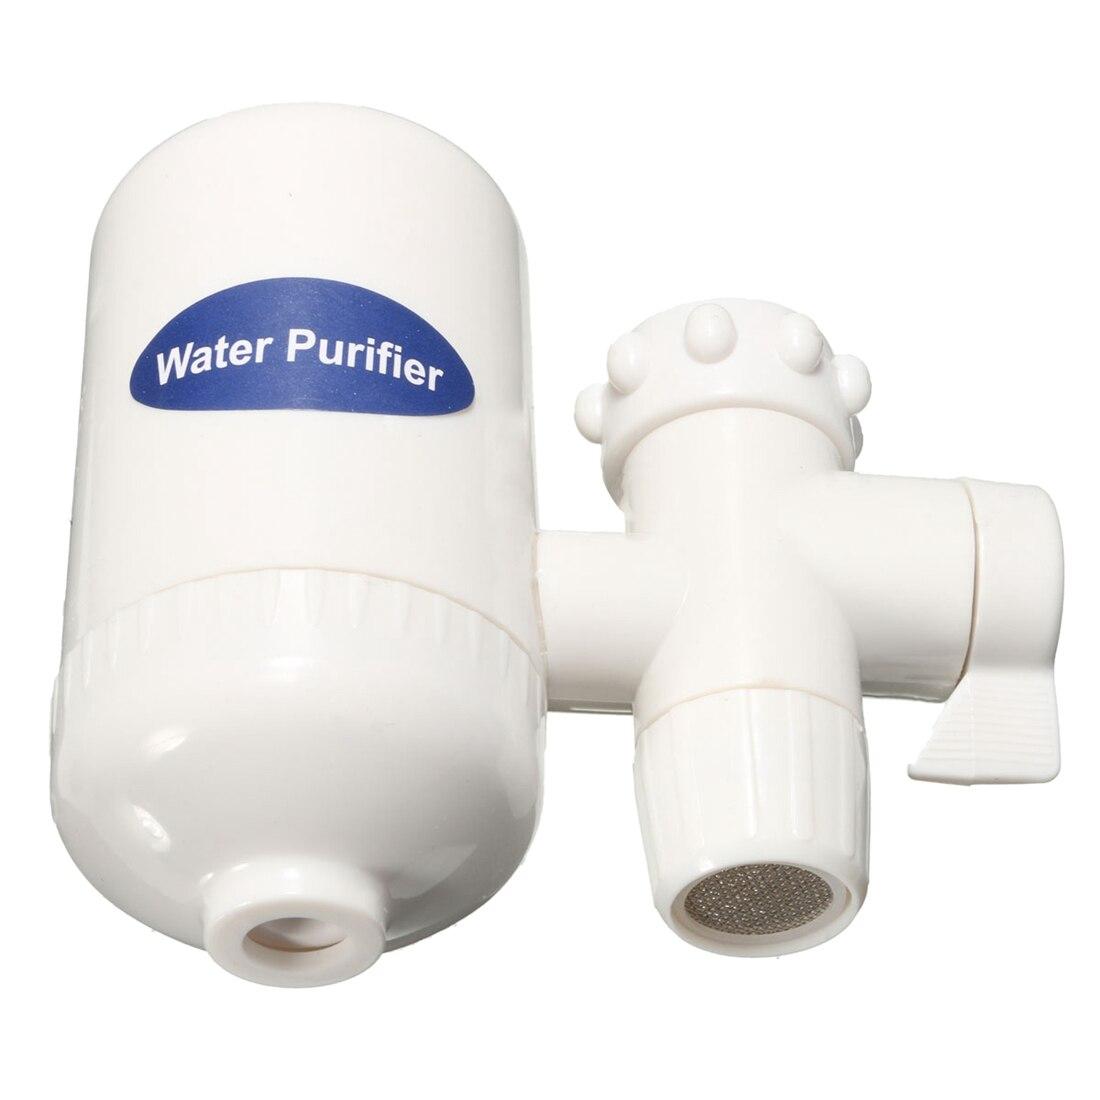 Кран фильтр для воды технологии Nano-KDF домашняя кухня очищаемой керамический картридж смеситель для ванны коснитесь Фильтр для воды